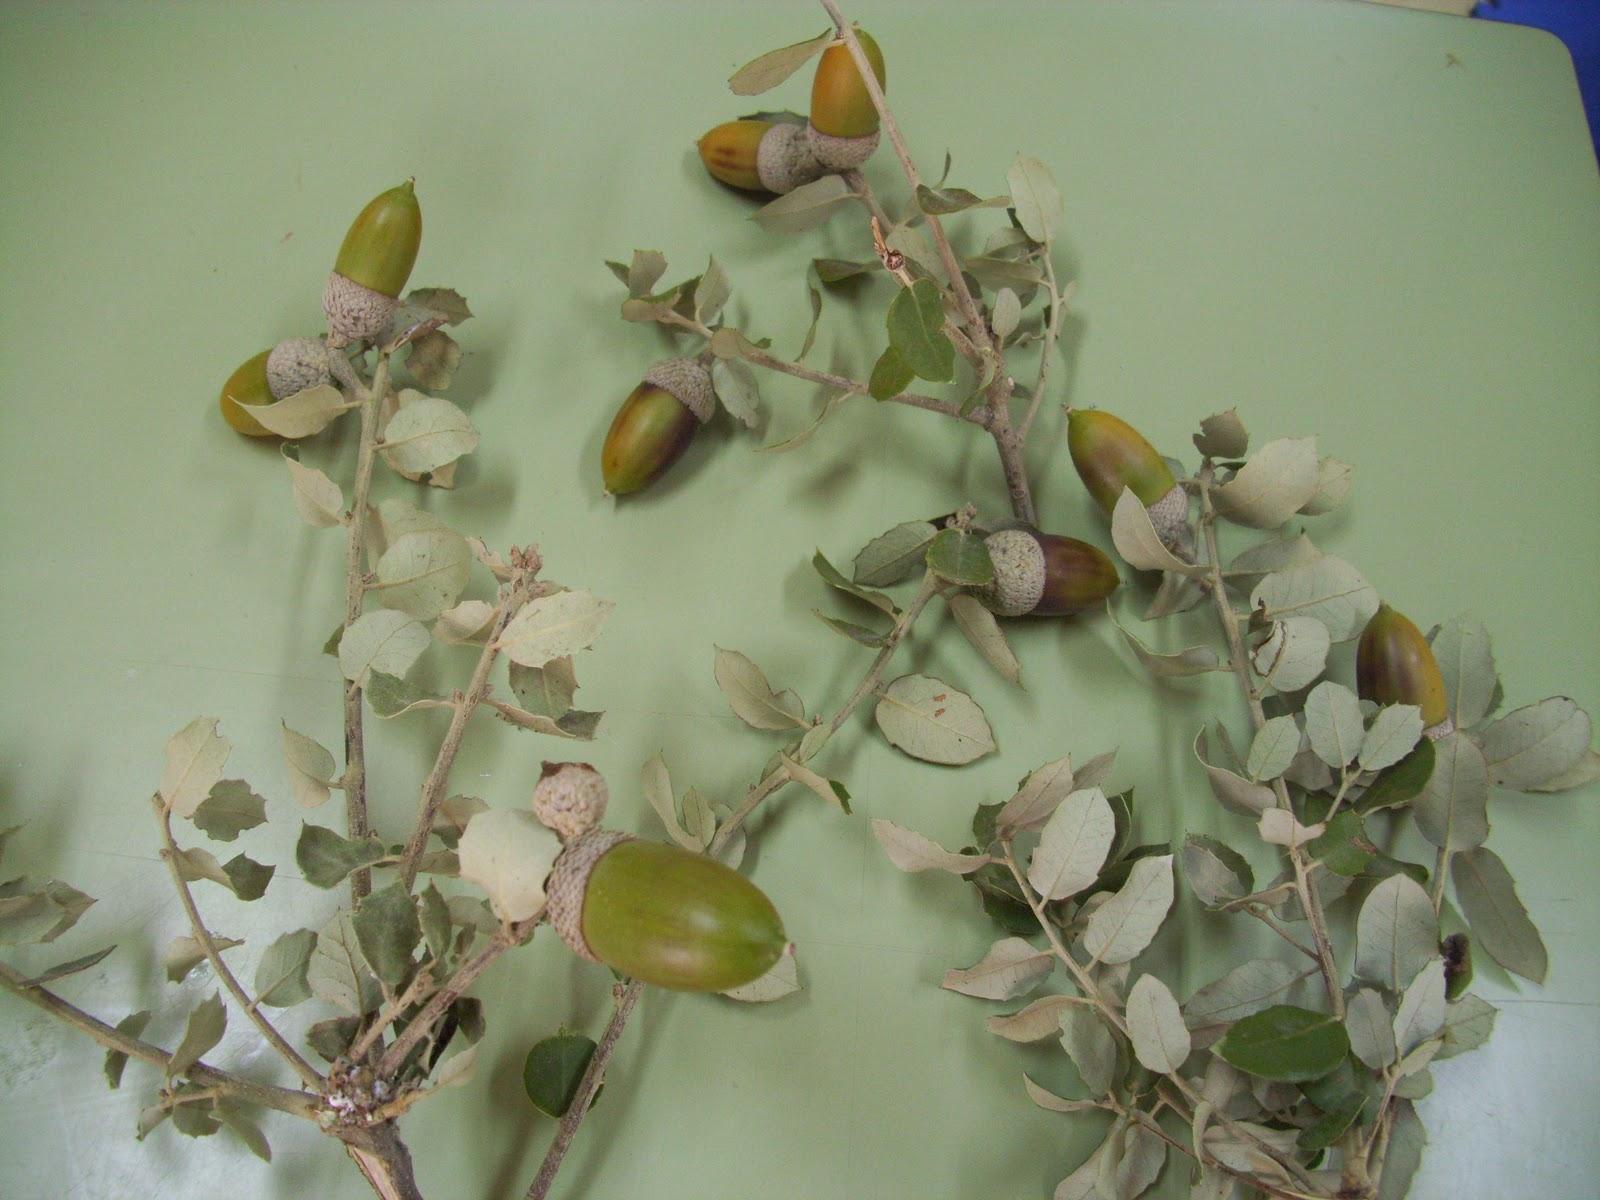 El Arbol De Los Frutos Para NiÑos: CHIRIBITAS: Octubre 2011